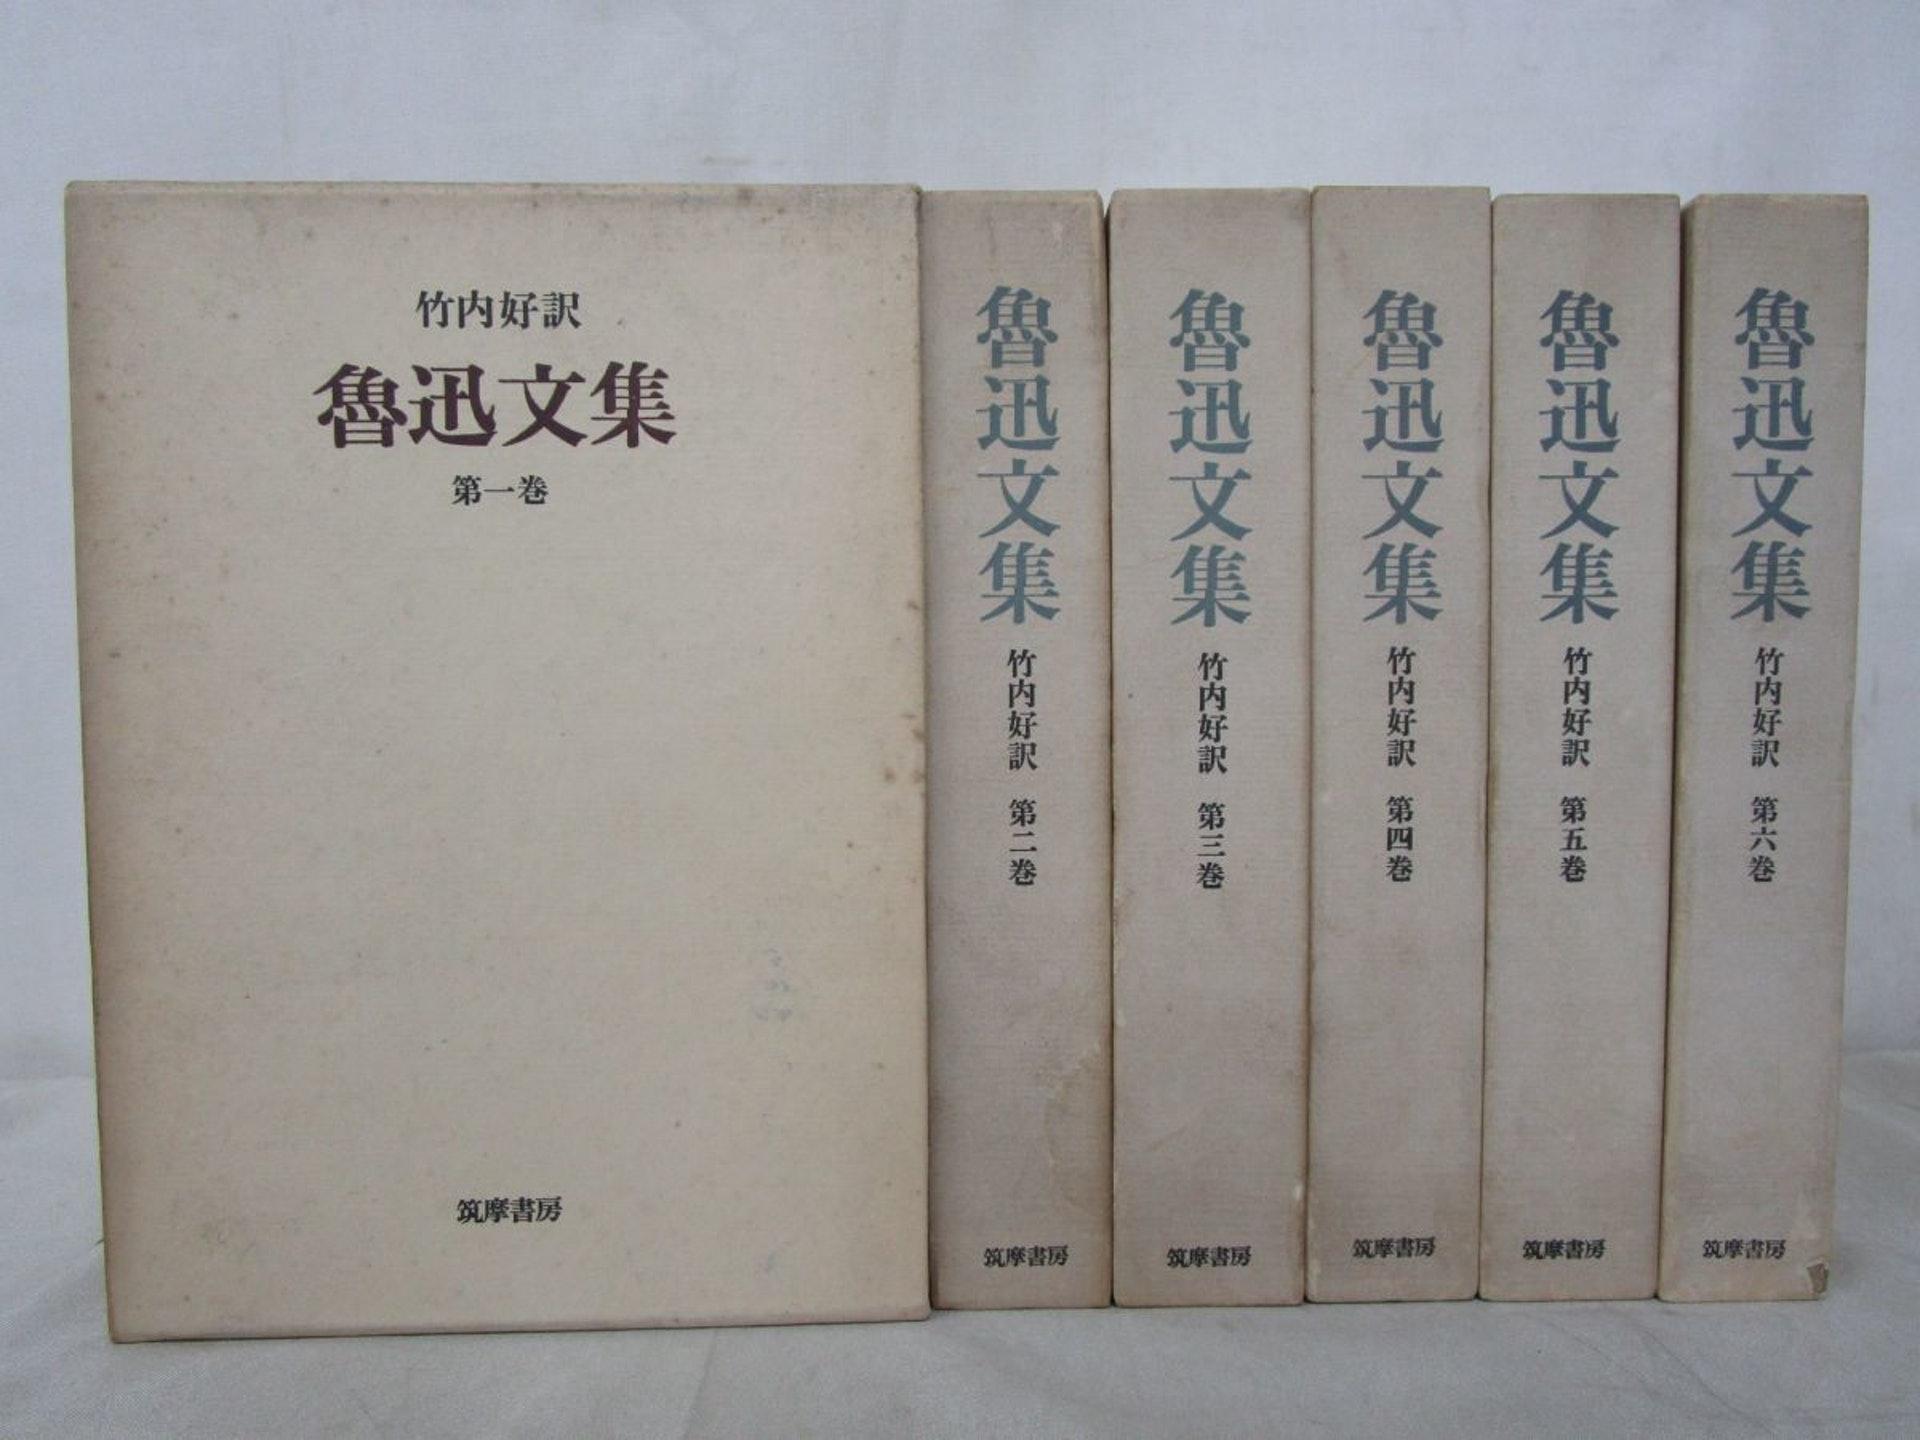 魯迅的文集很早就被日本學者竹內好翻譯。